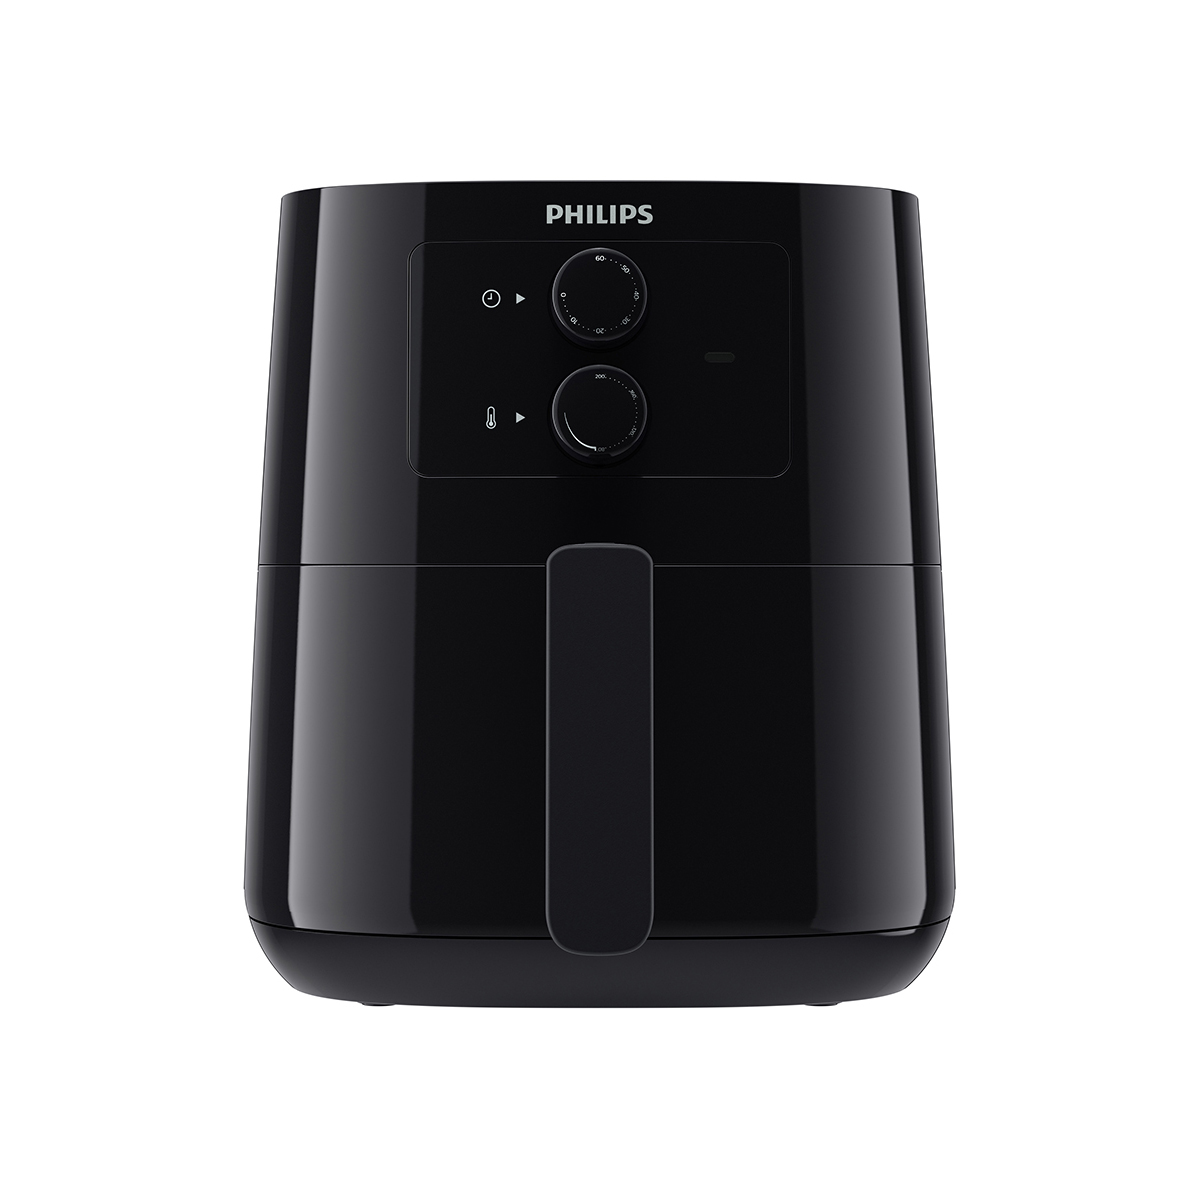 필립스 에센셜 에어프라이어 아날로그 컴팩트, HD9200/90, 블랙